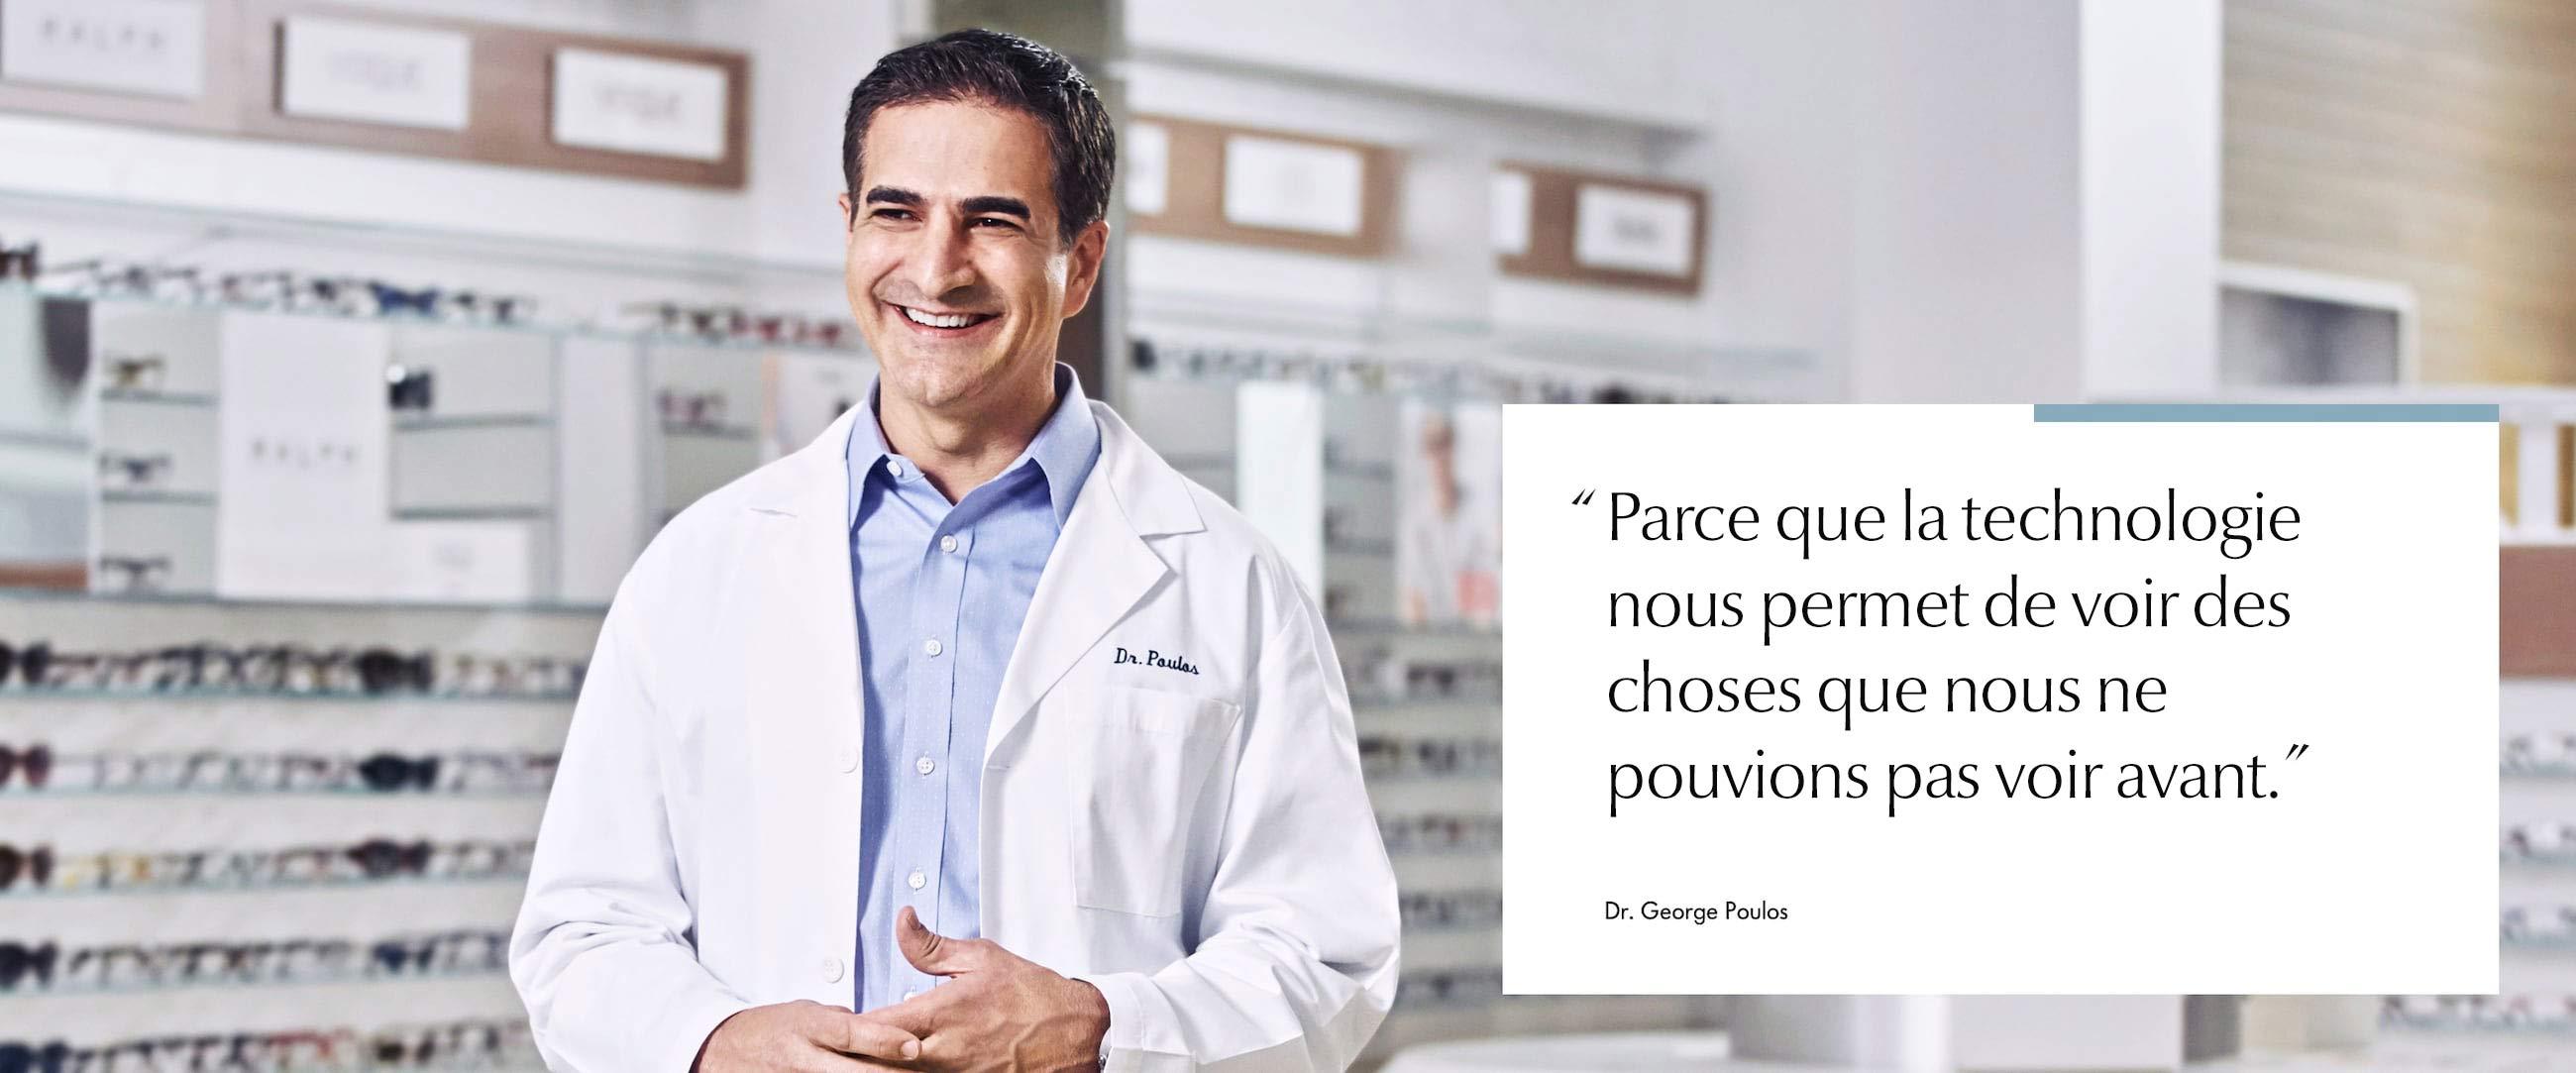 Image du Docteur Poulos